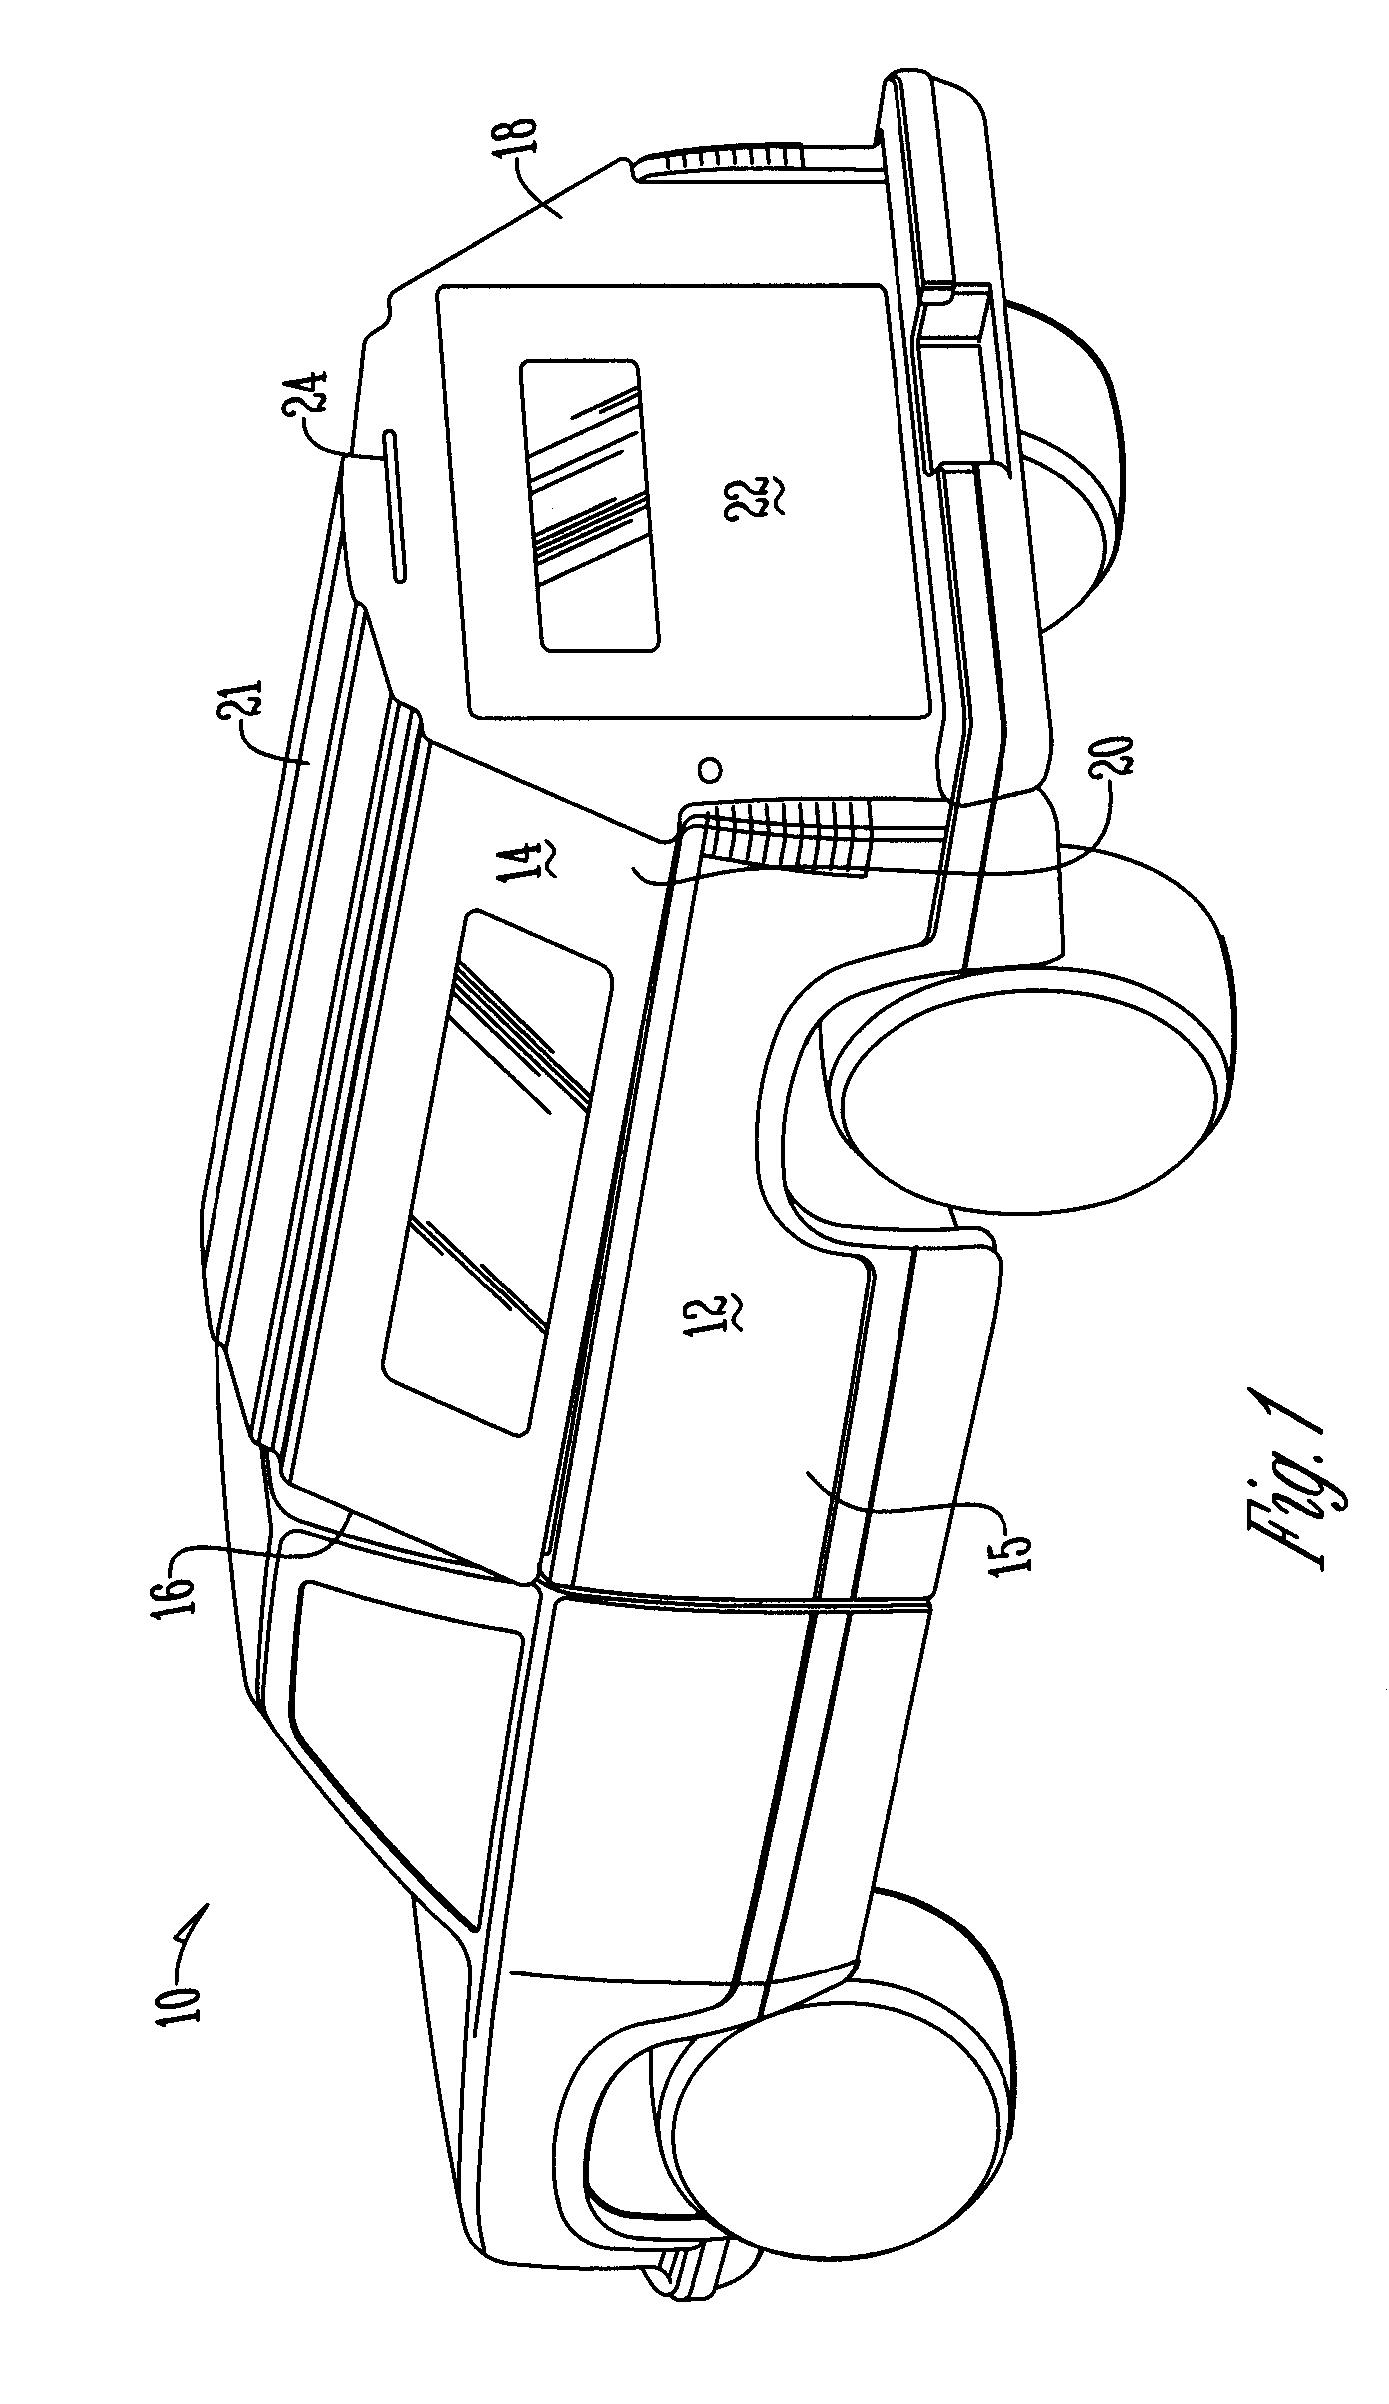 patent us20070264868